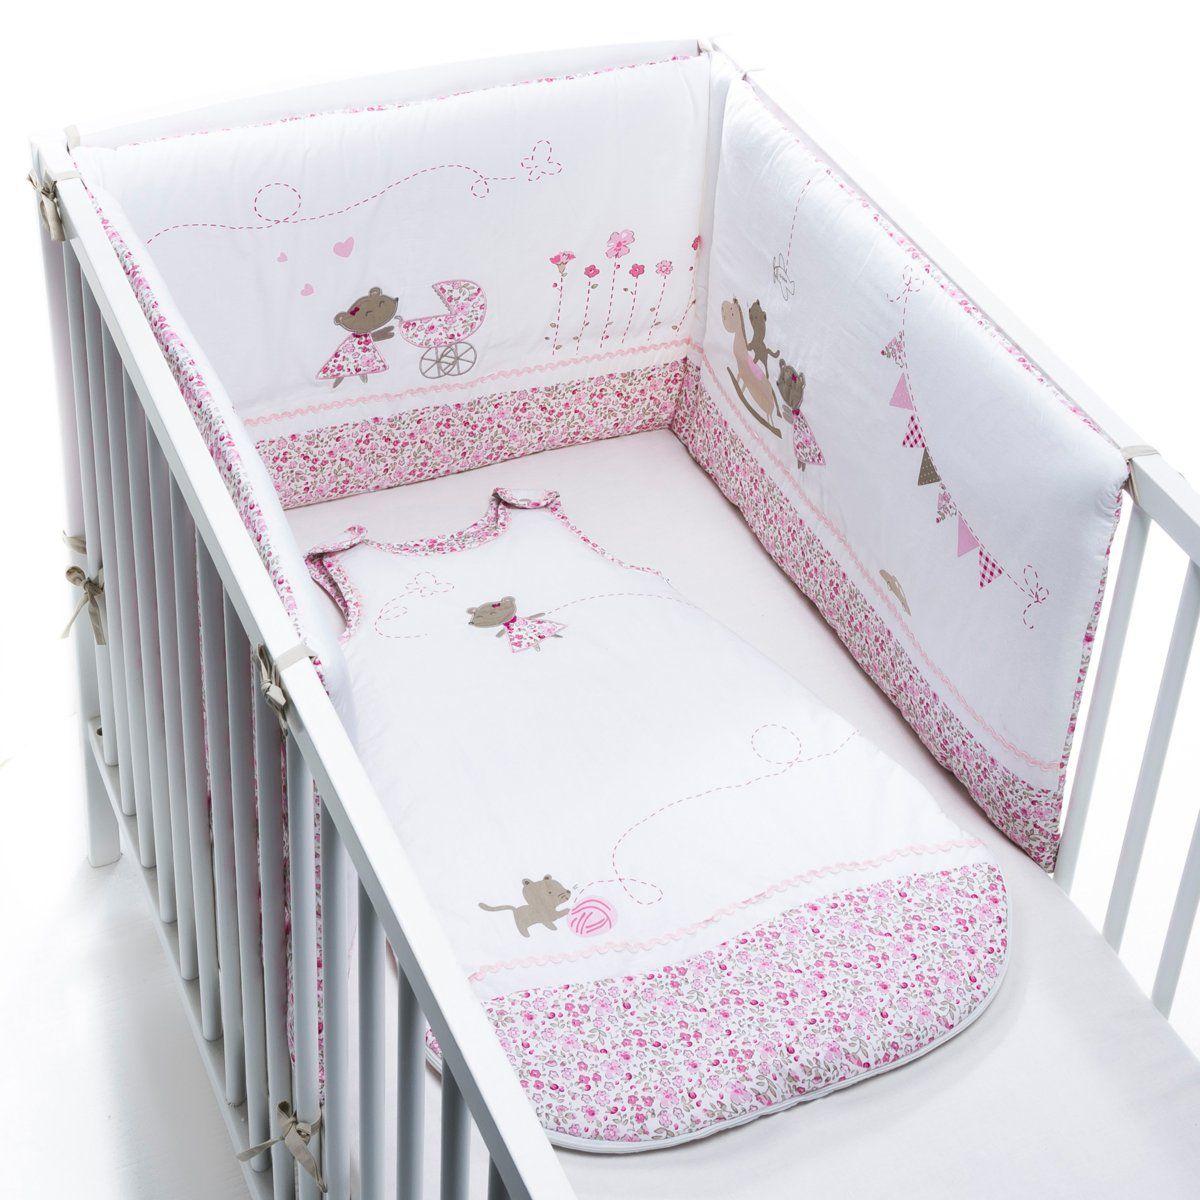 Tour de lit, pour que mon bébé dorme confortablement et en toute